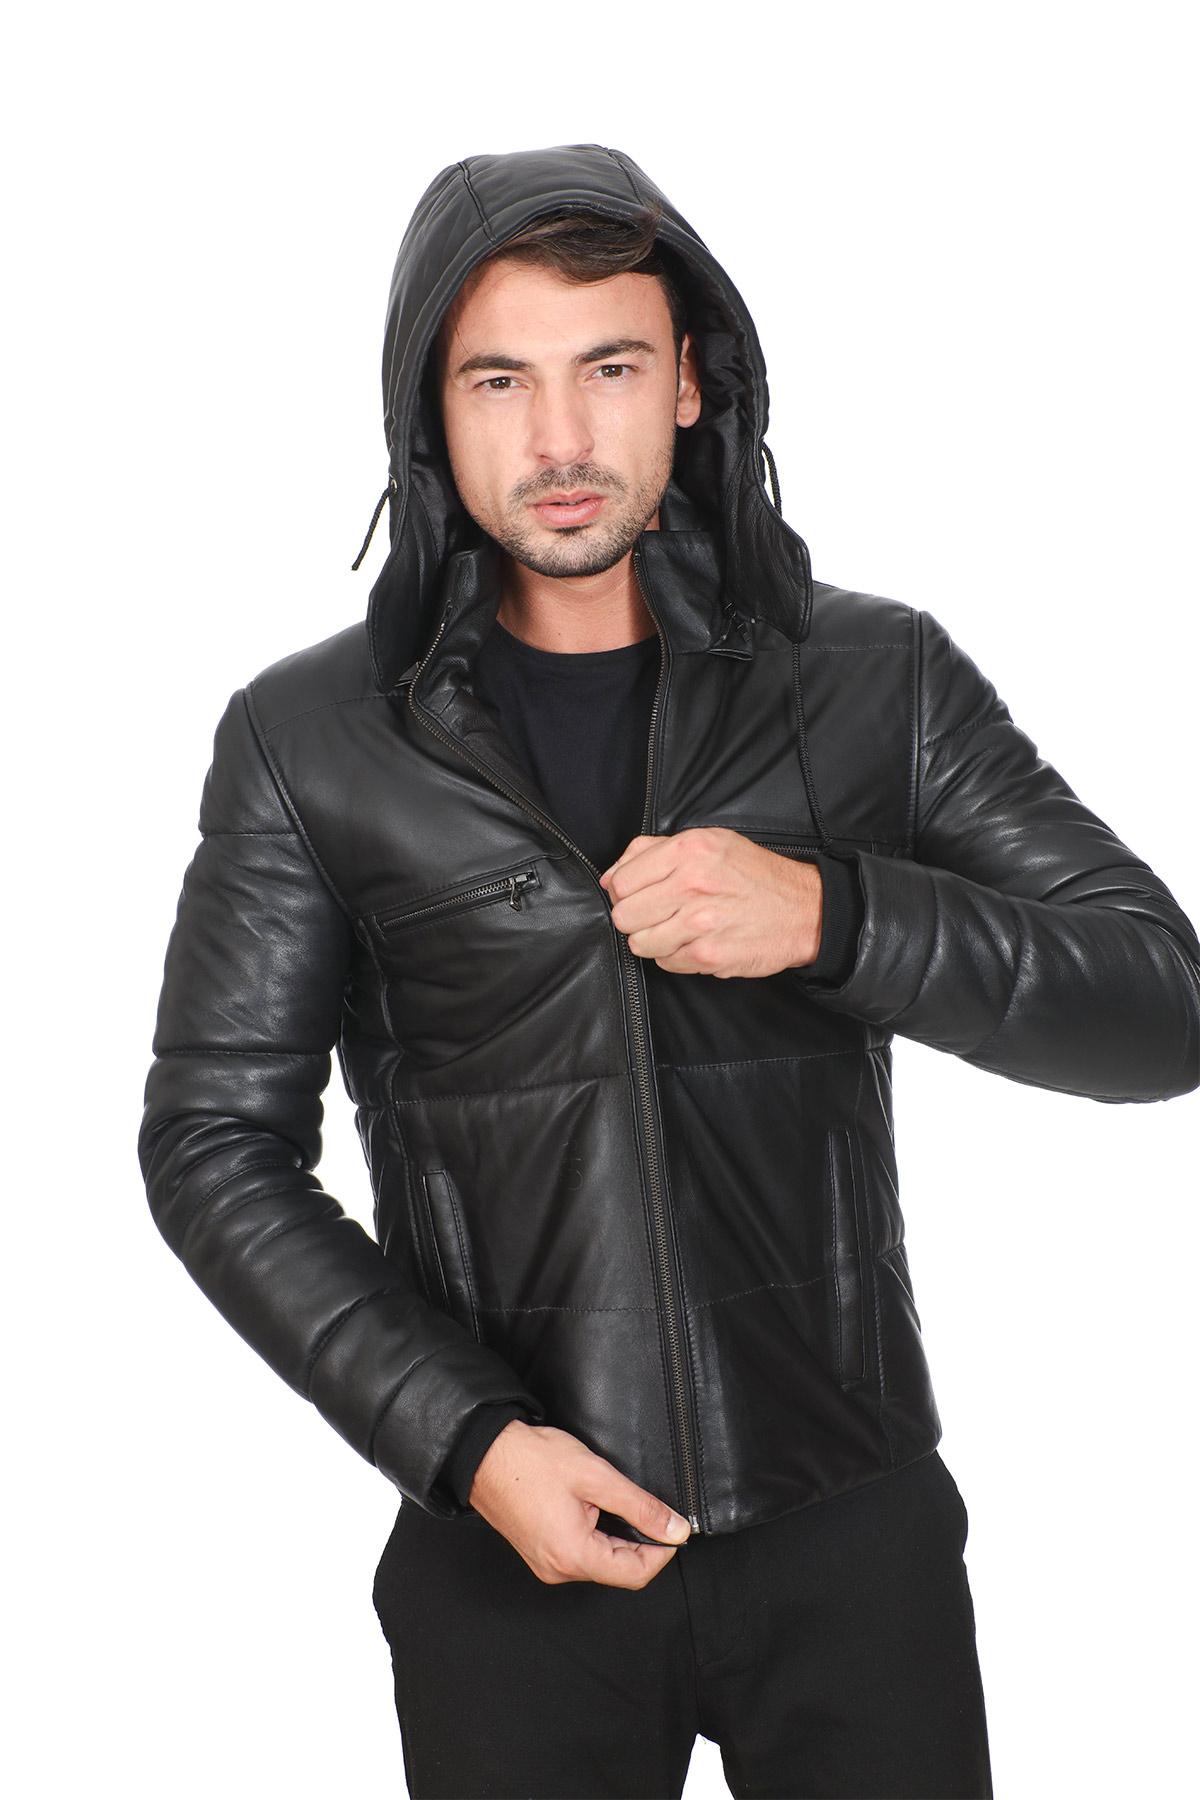 Eddie Bauer Genuine Leather Jacket